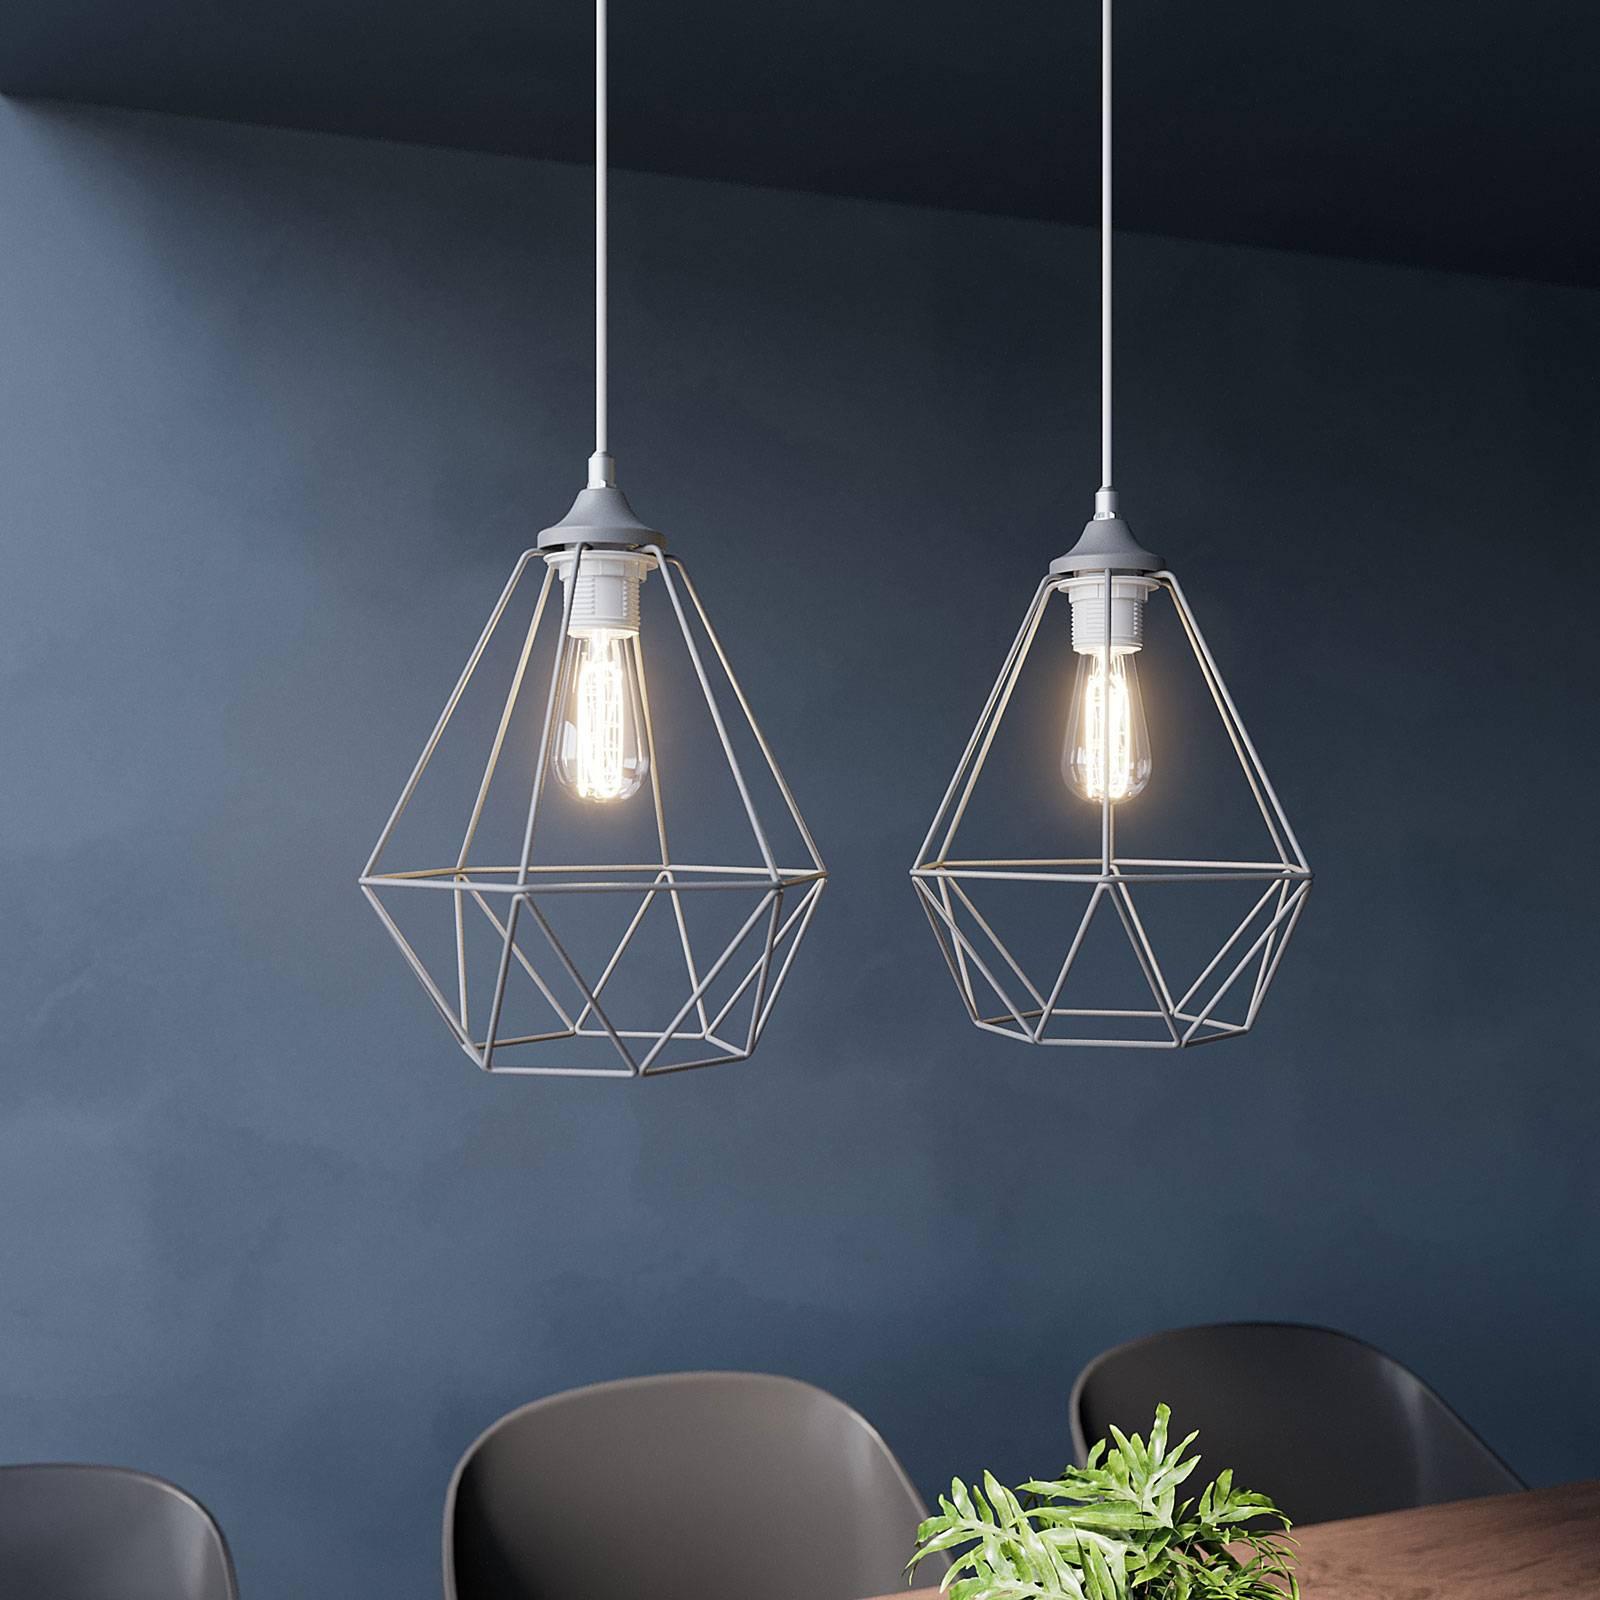 Hanglamp Karo 2-lamps, grijs